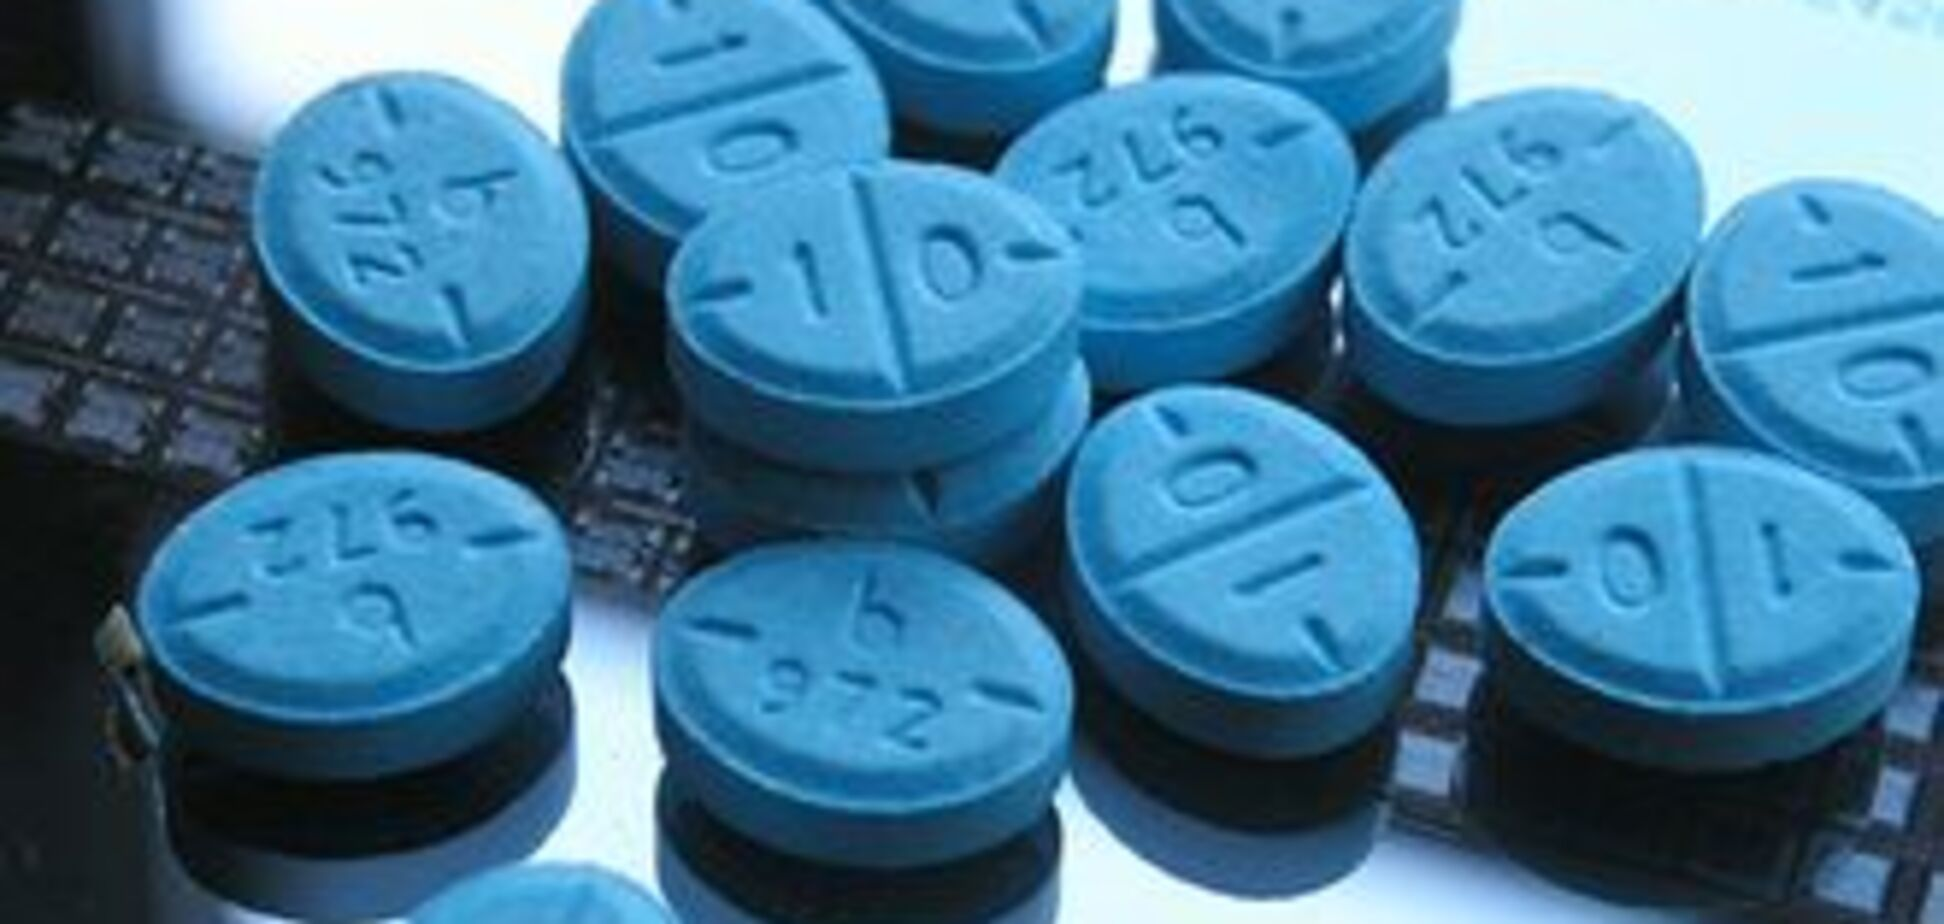 Наркотики на мільйон гривень ховали в пакетах з-під соку